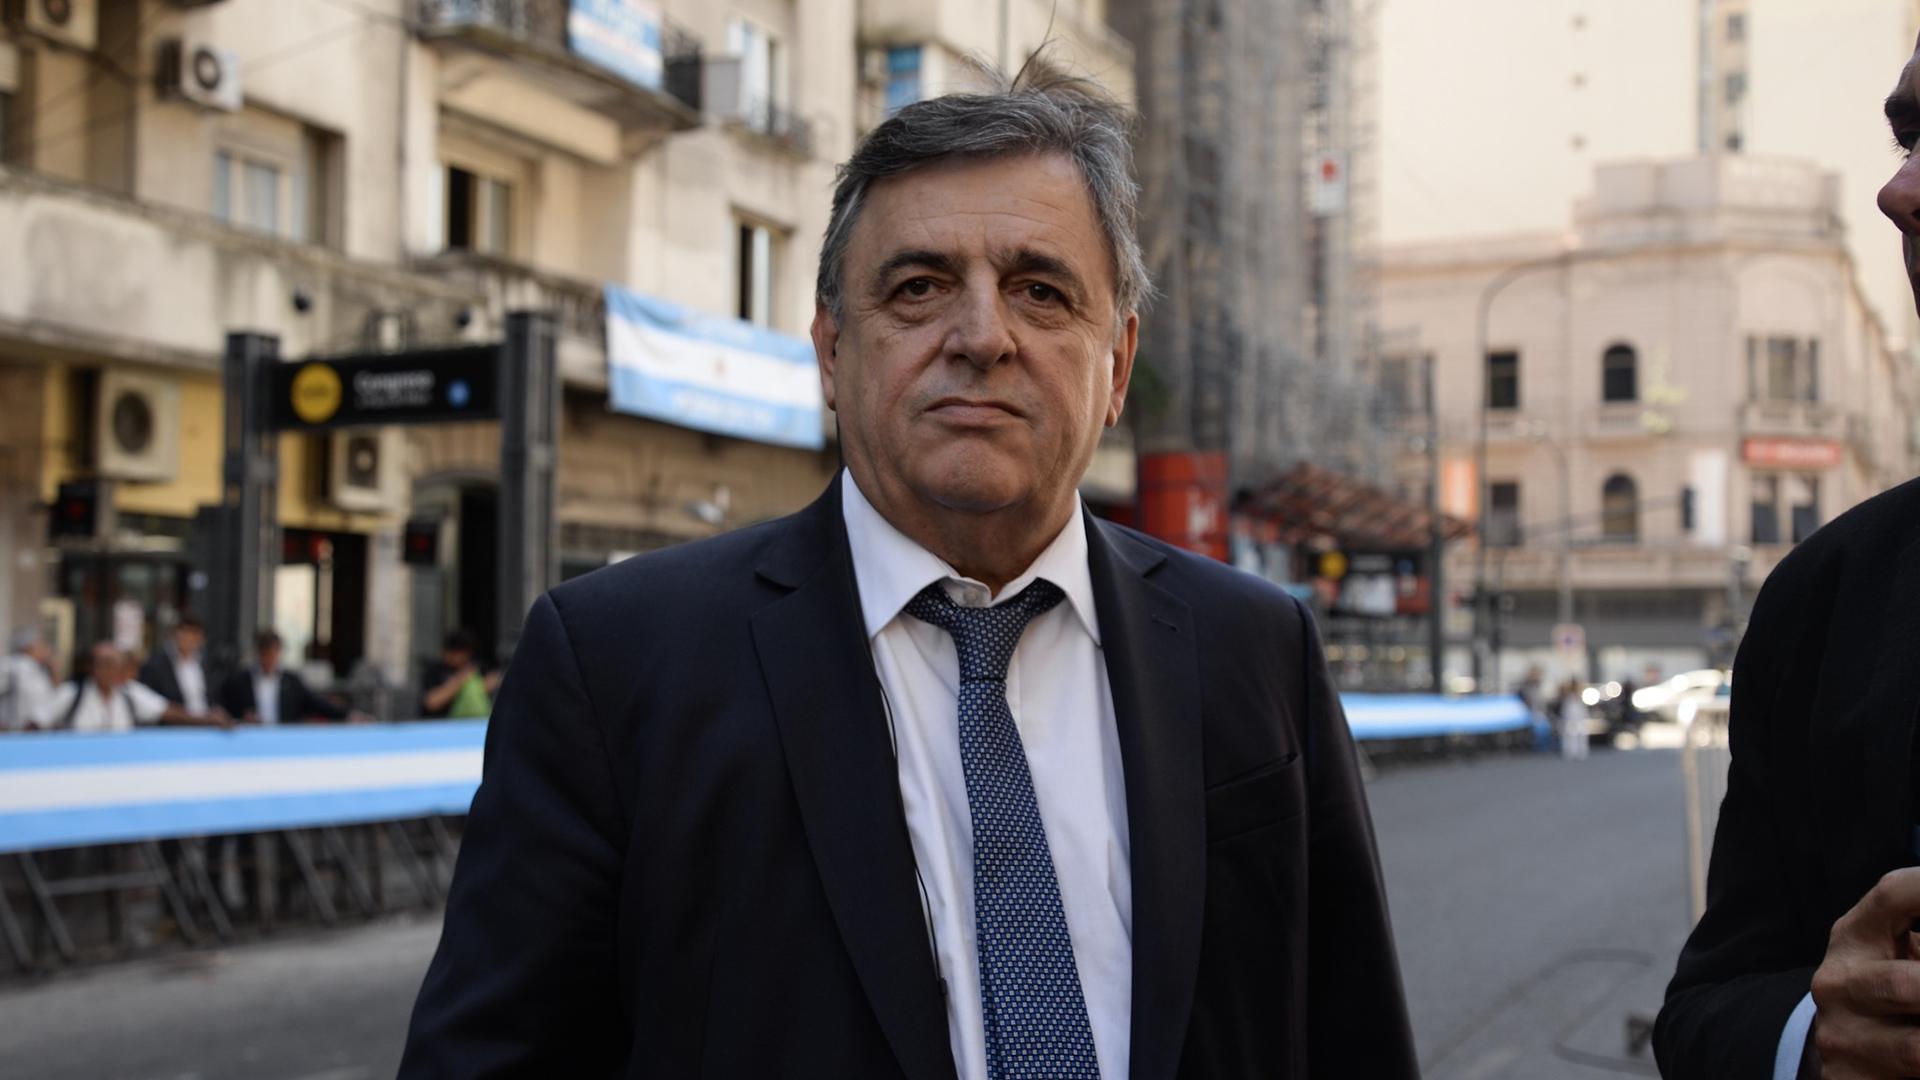 El diputado nacional y jefe del interbloque Cambiemos, Mario Negri